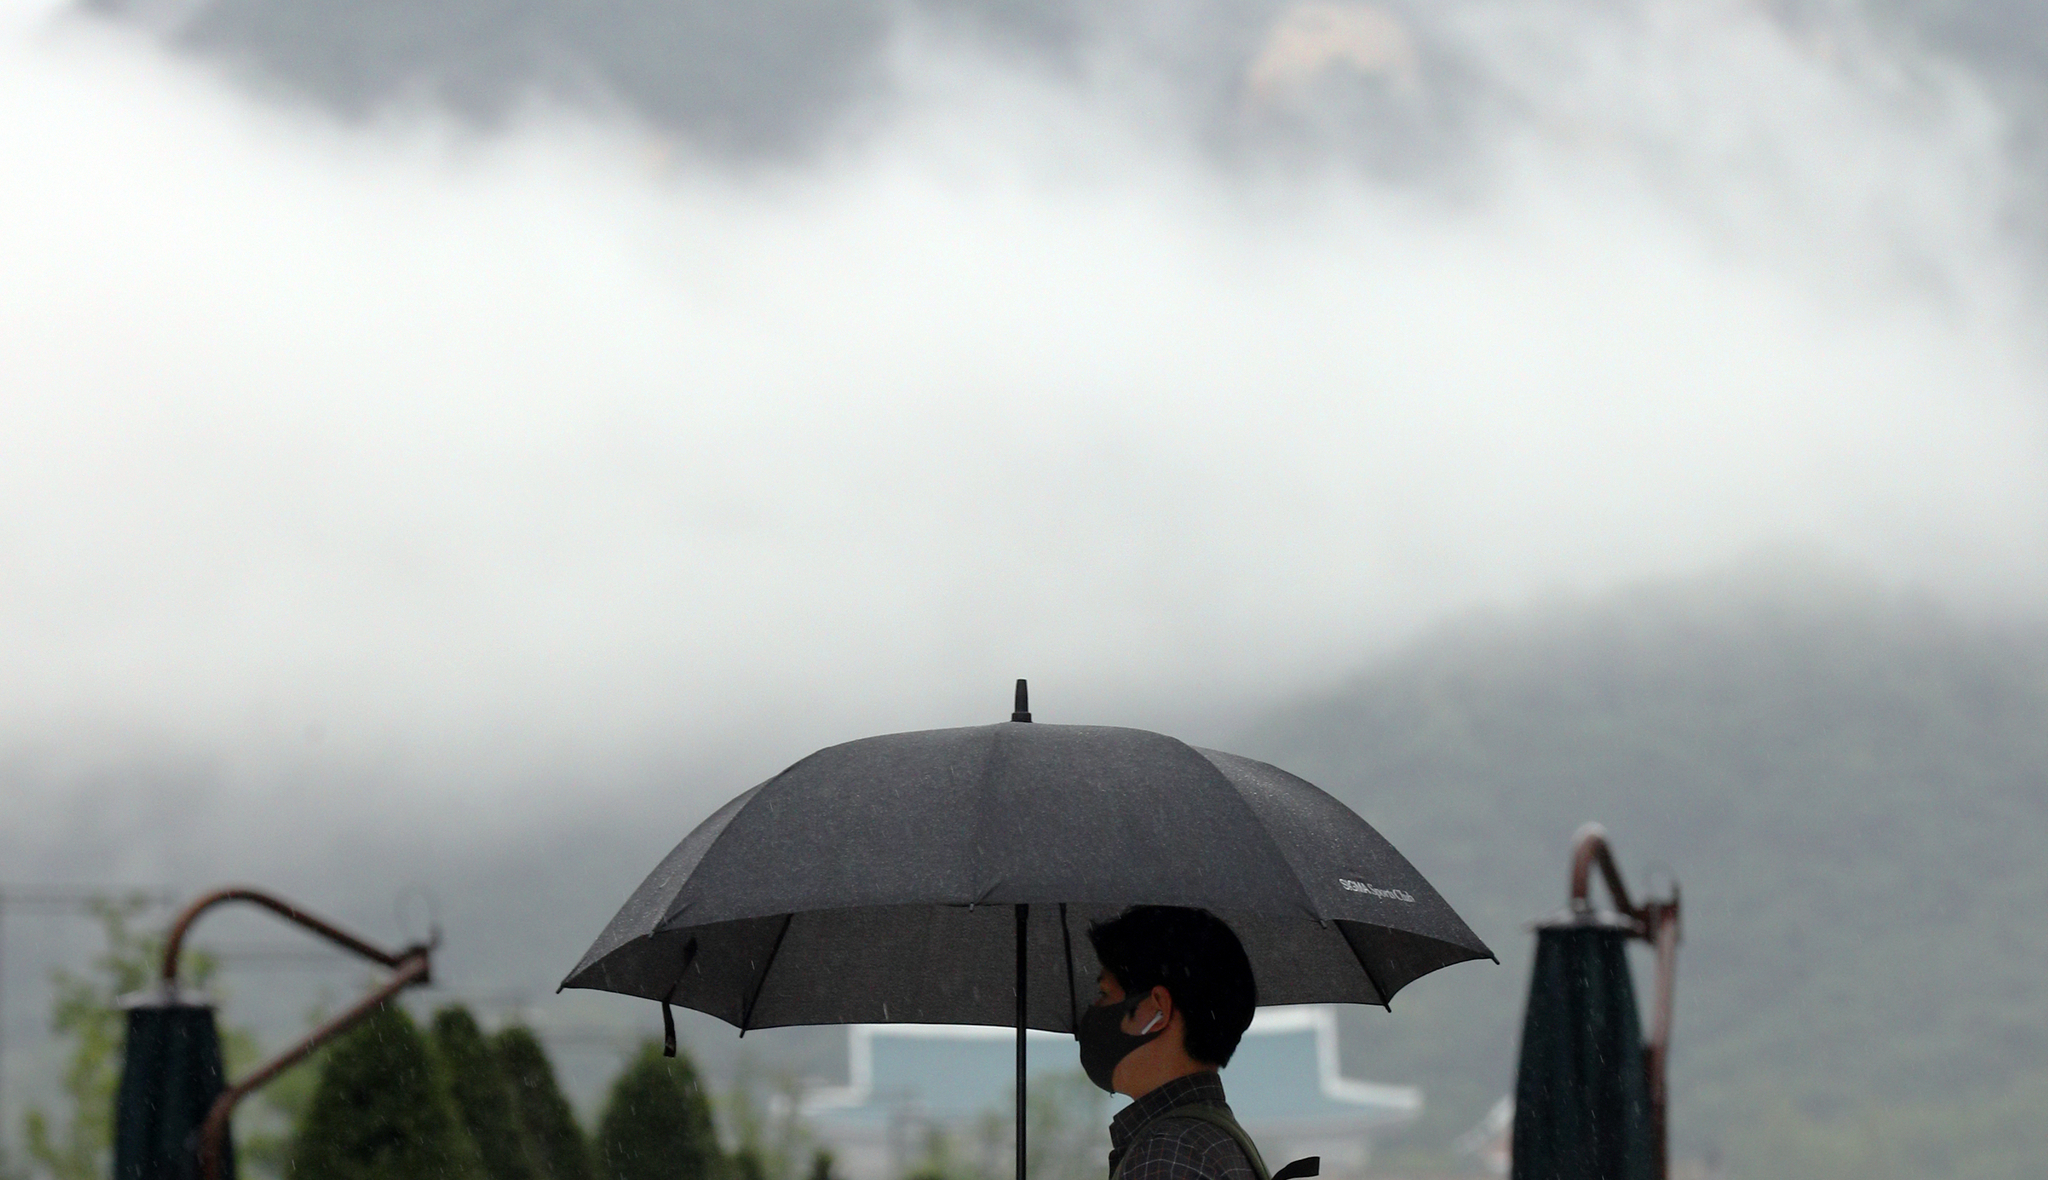 지난 11일 서울 광화문 네거리에서 출근길 시민들이 우산을 쓰고 발걸음을 재촉하고 있다. 뉴스1